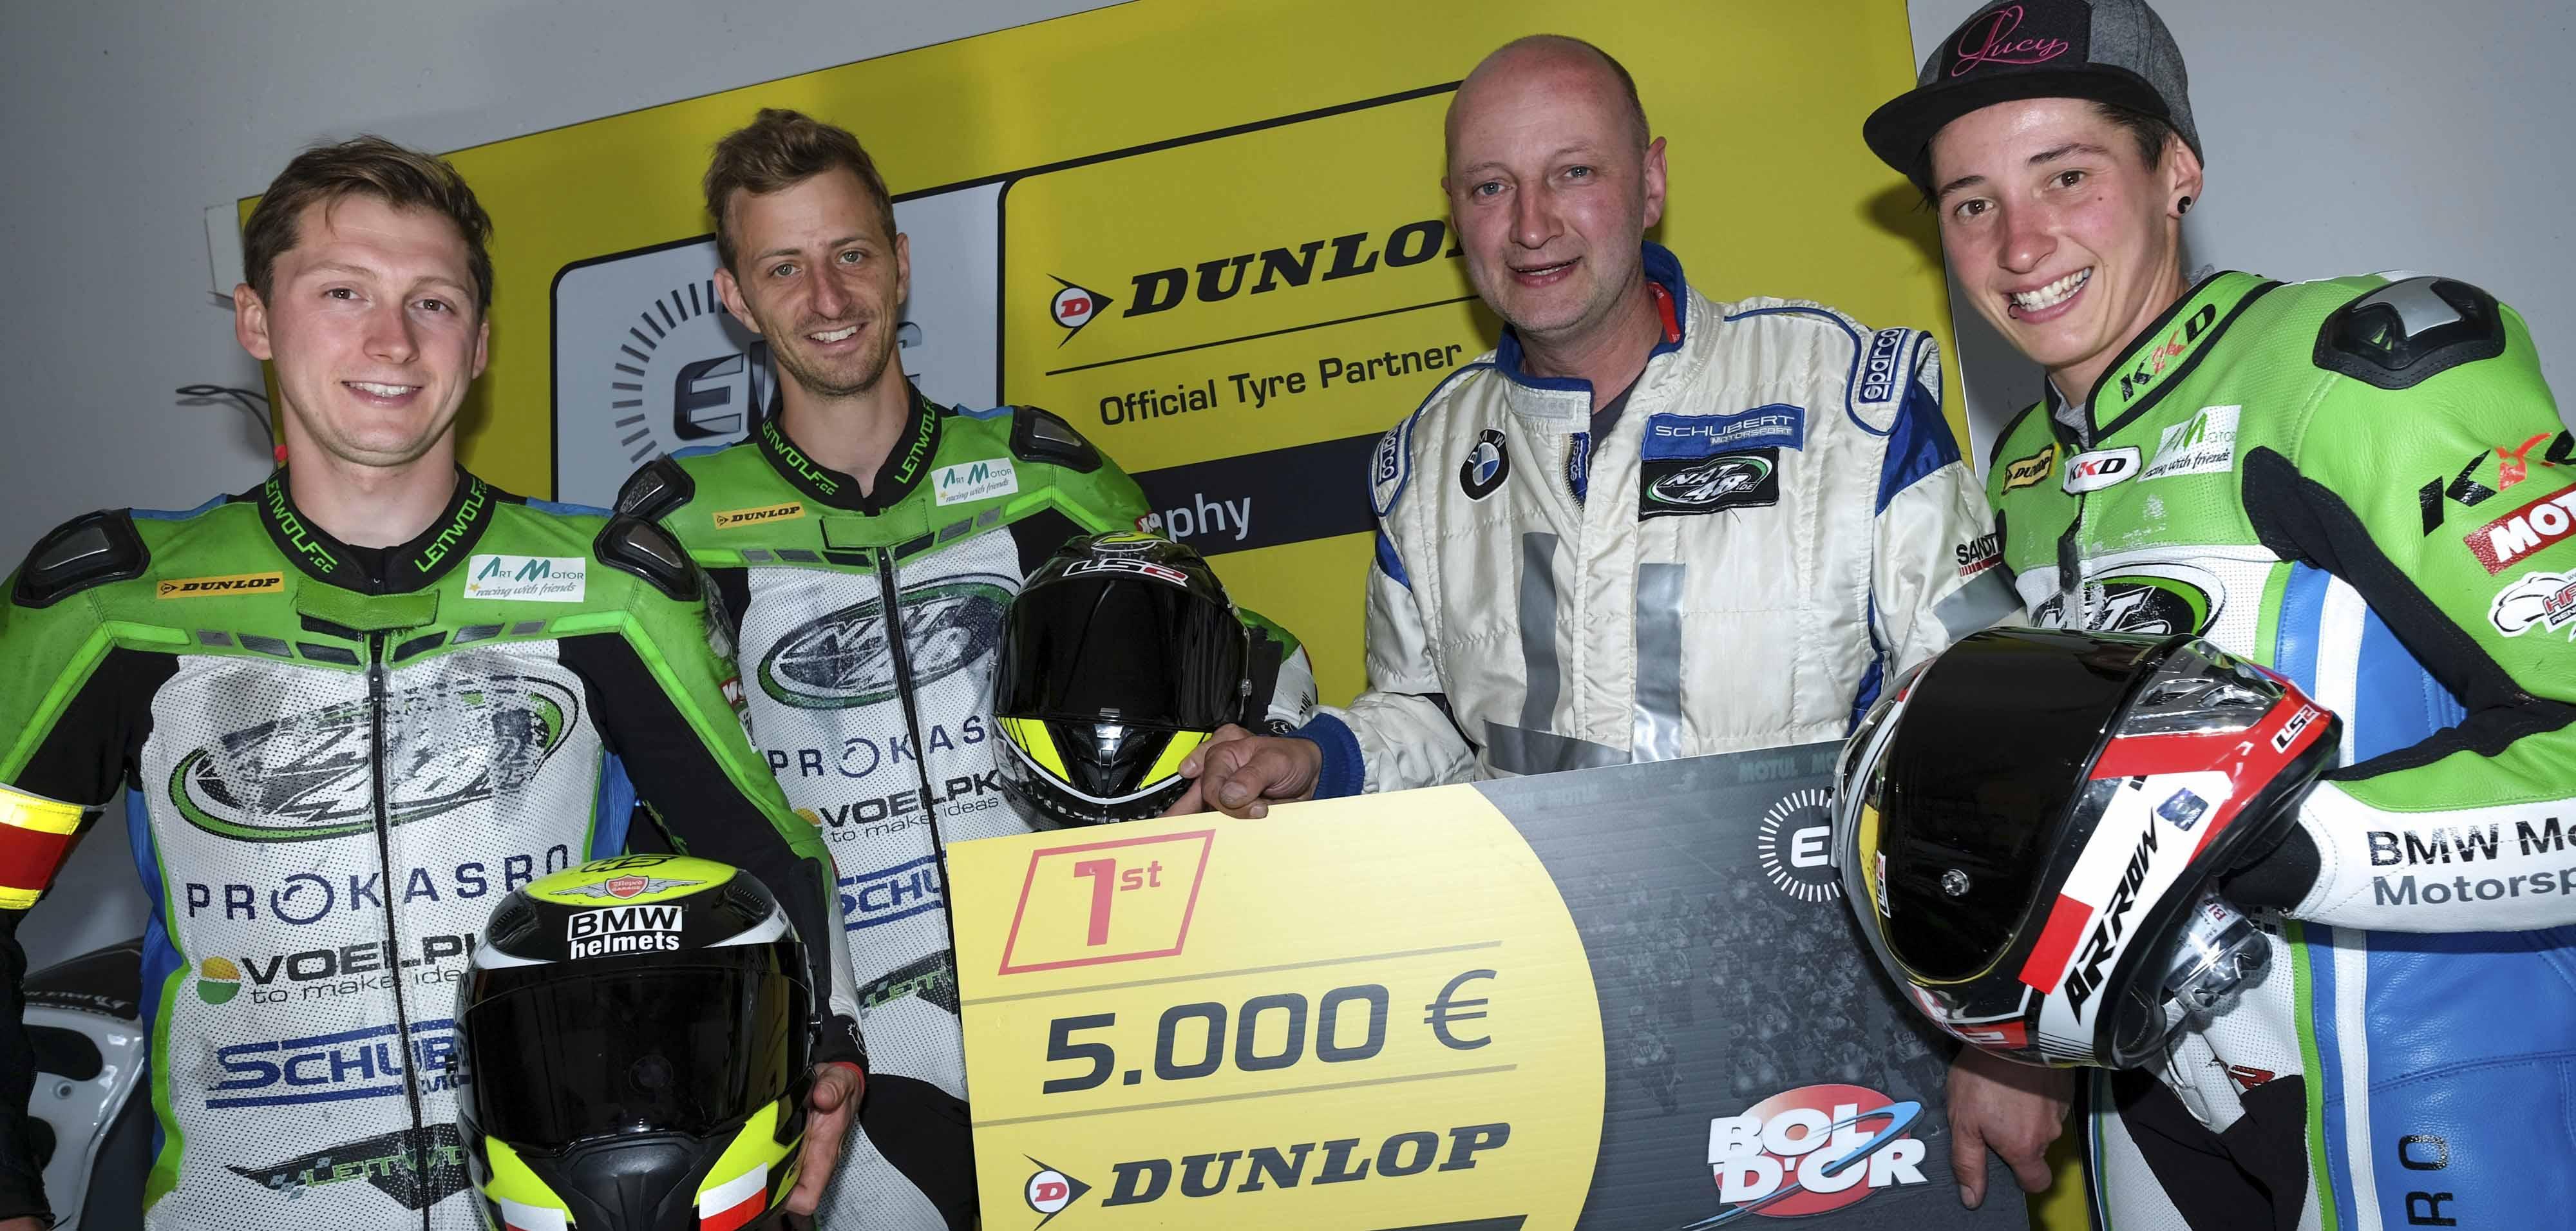 Völpker NRT48 Schubert Motors wins EWC Dunlop Independent Trophy